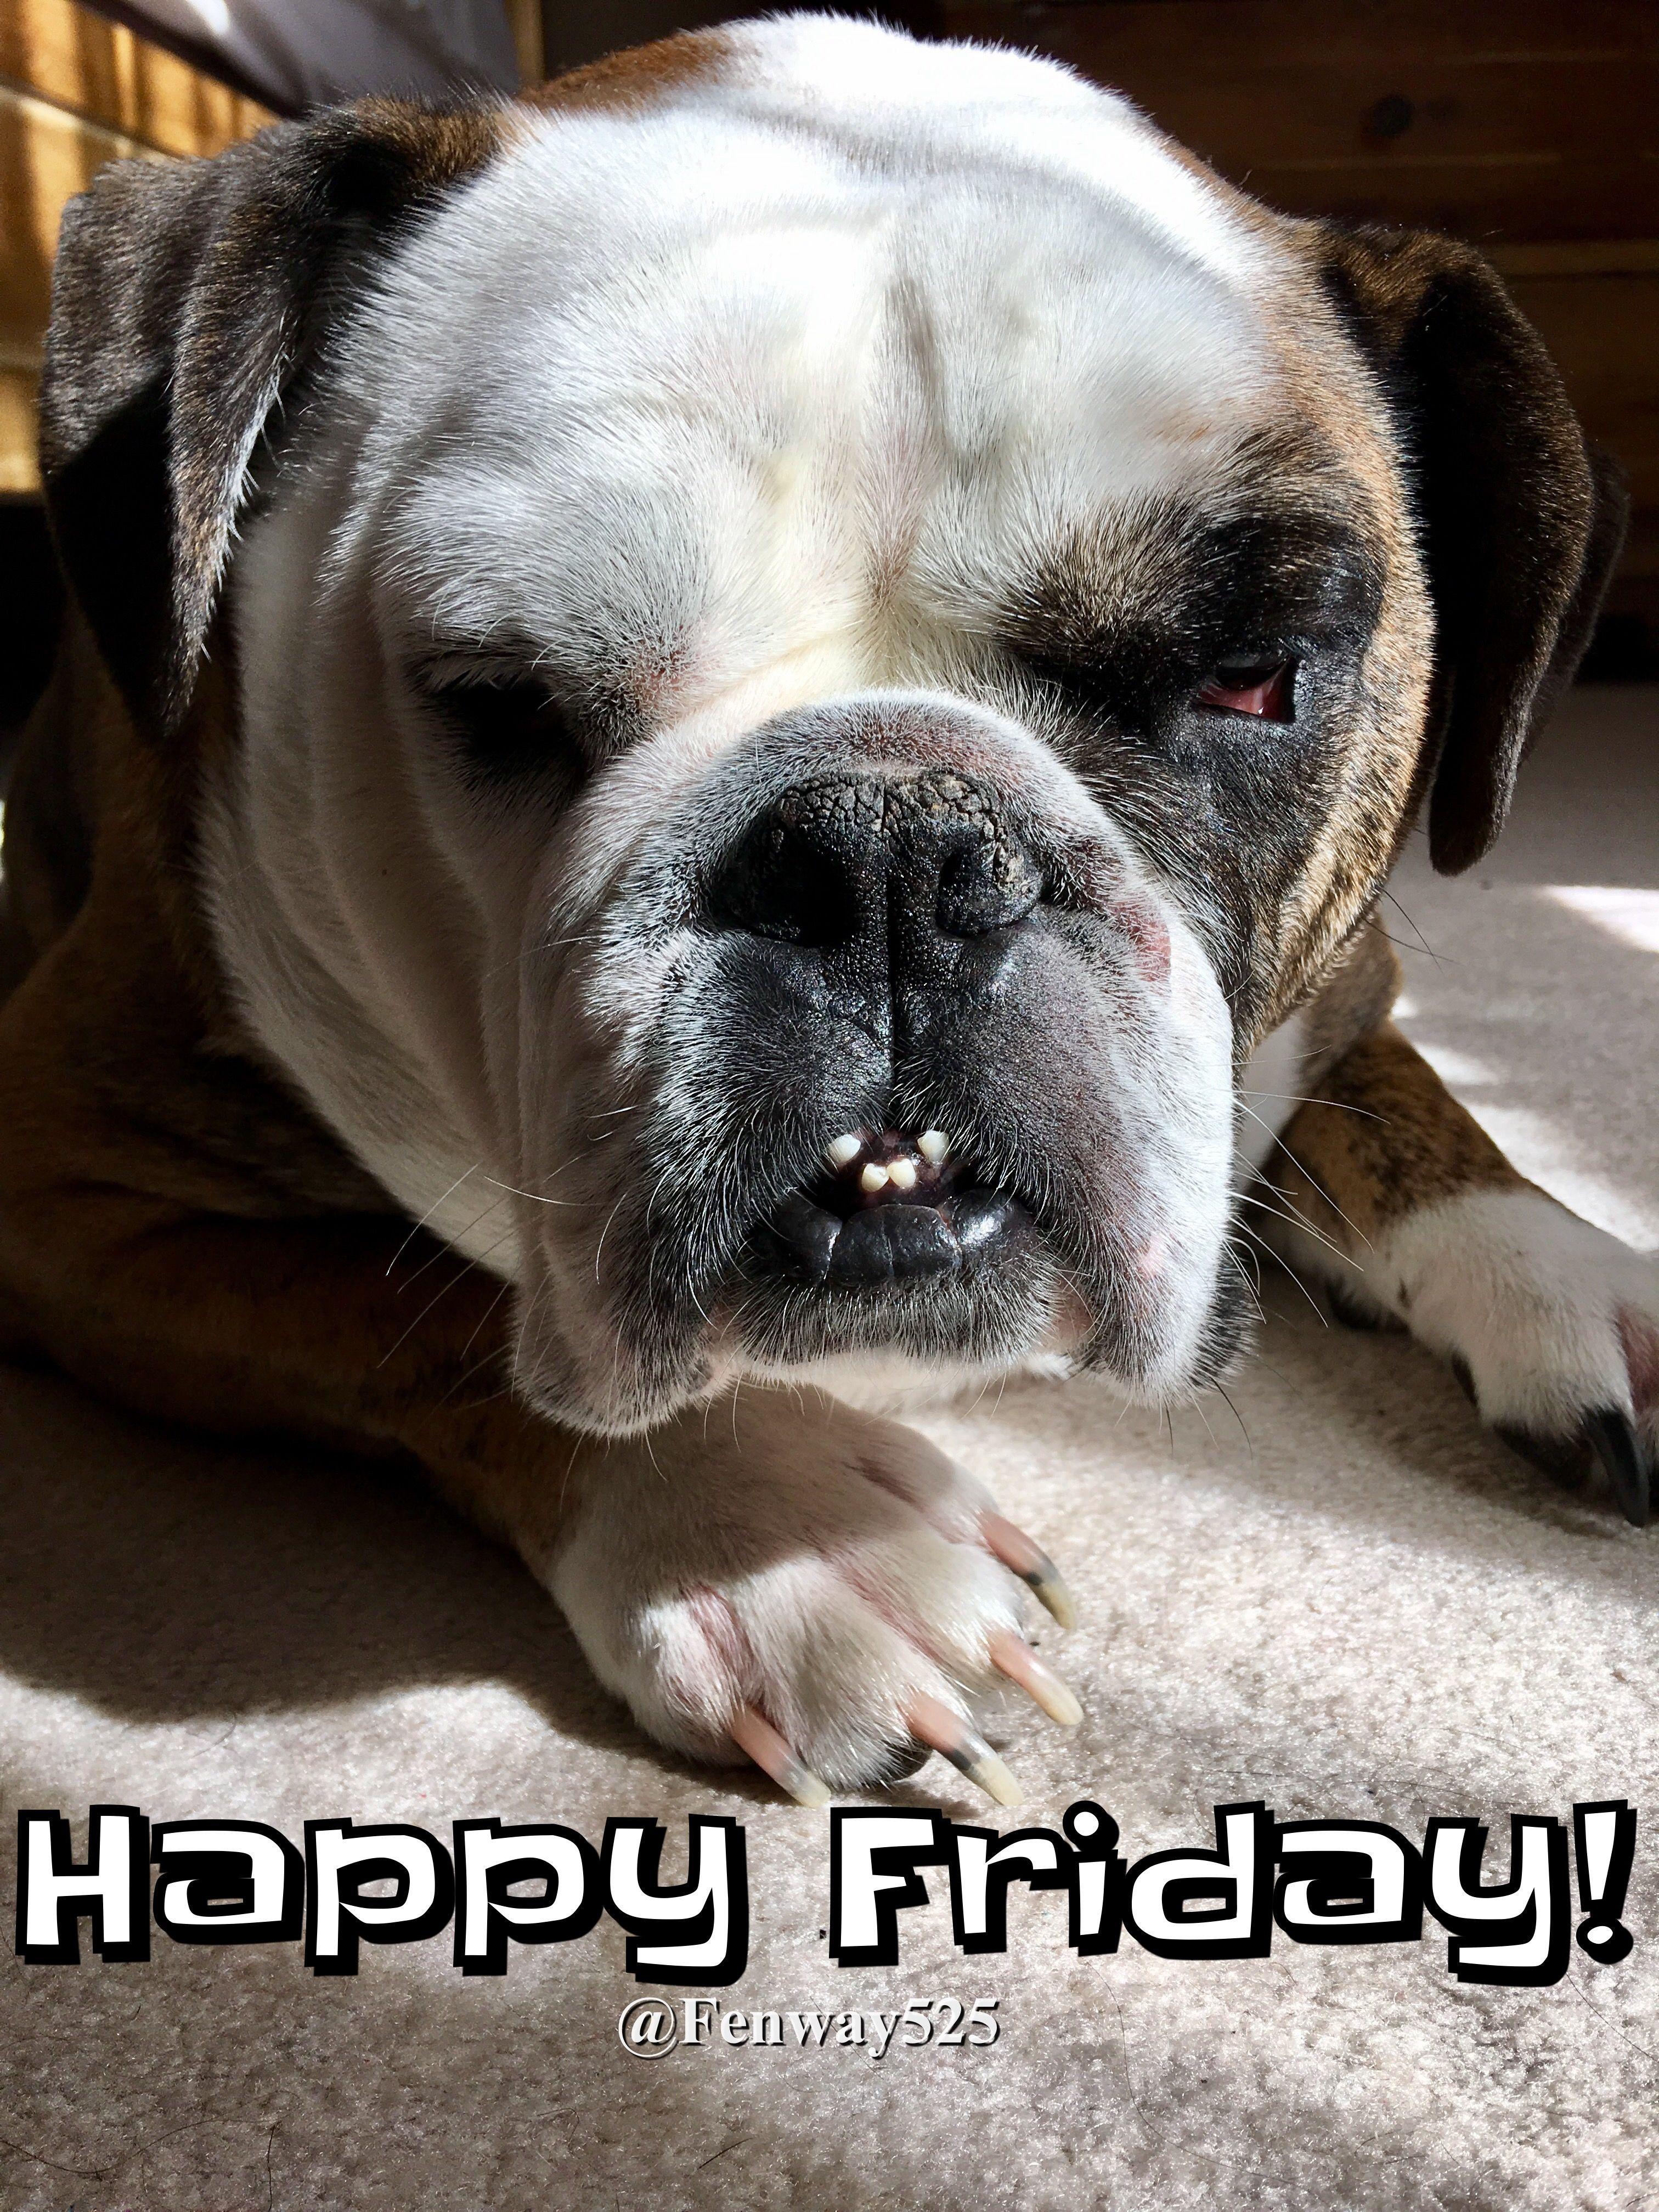 07apr17 fenway bulldogs happy friday bulldog happy